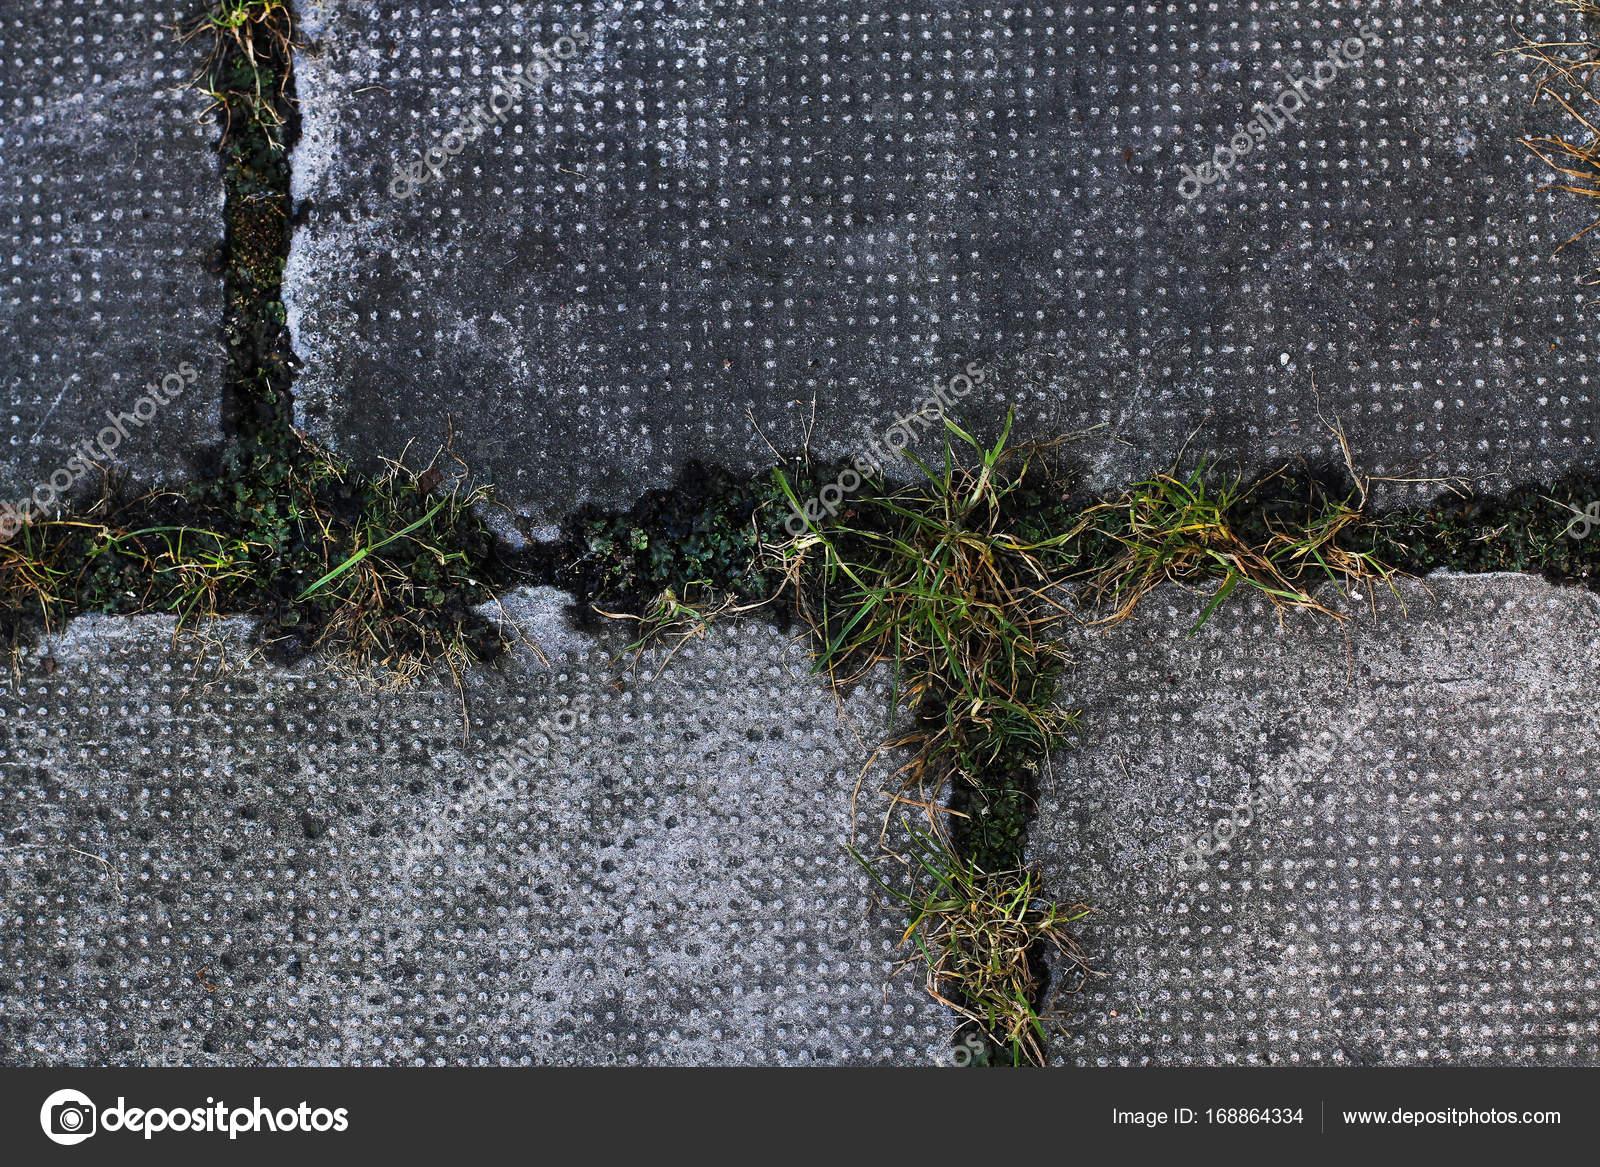 Grandi piastrelle di città sul marciapiede con erba verde una